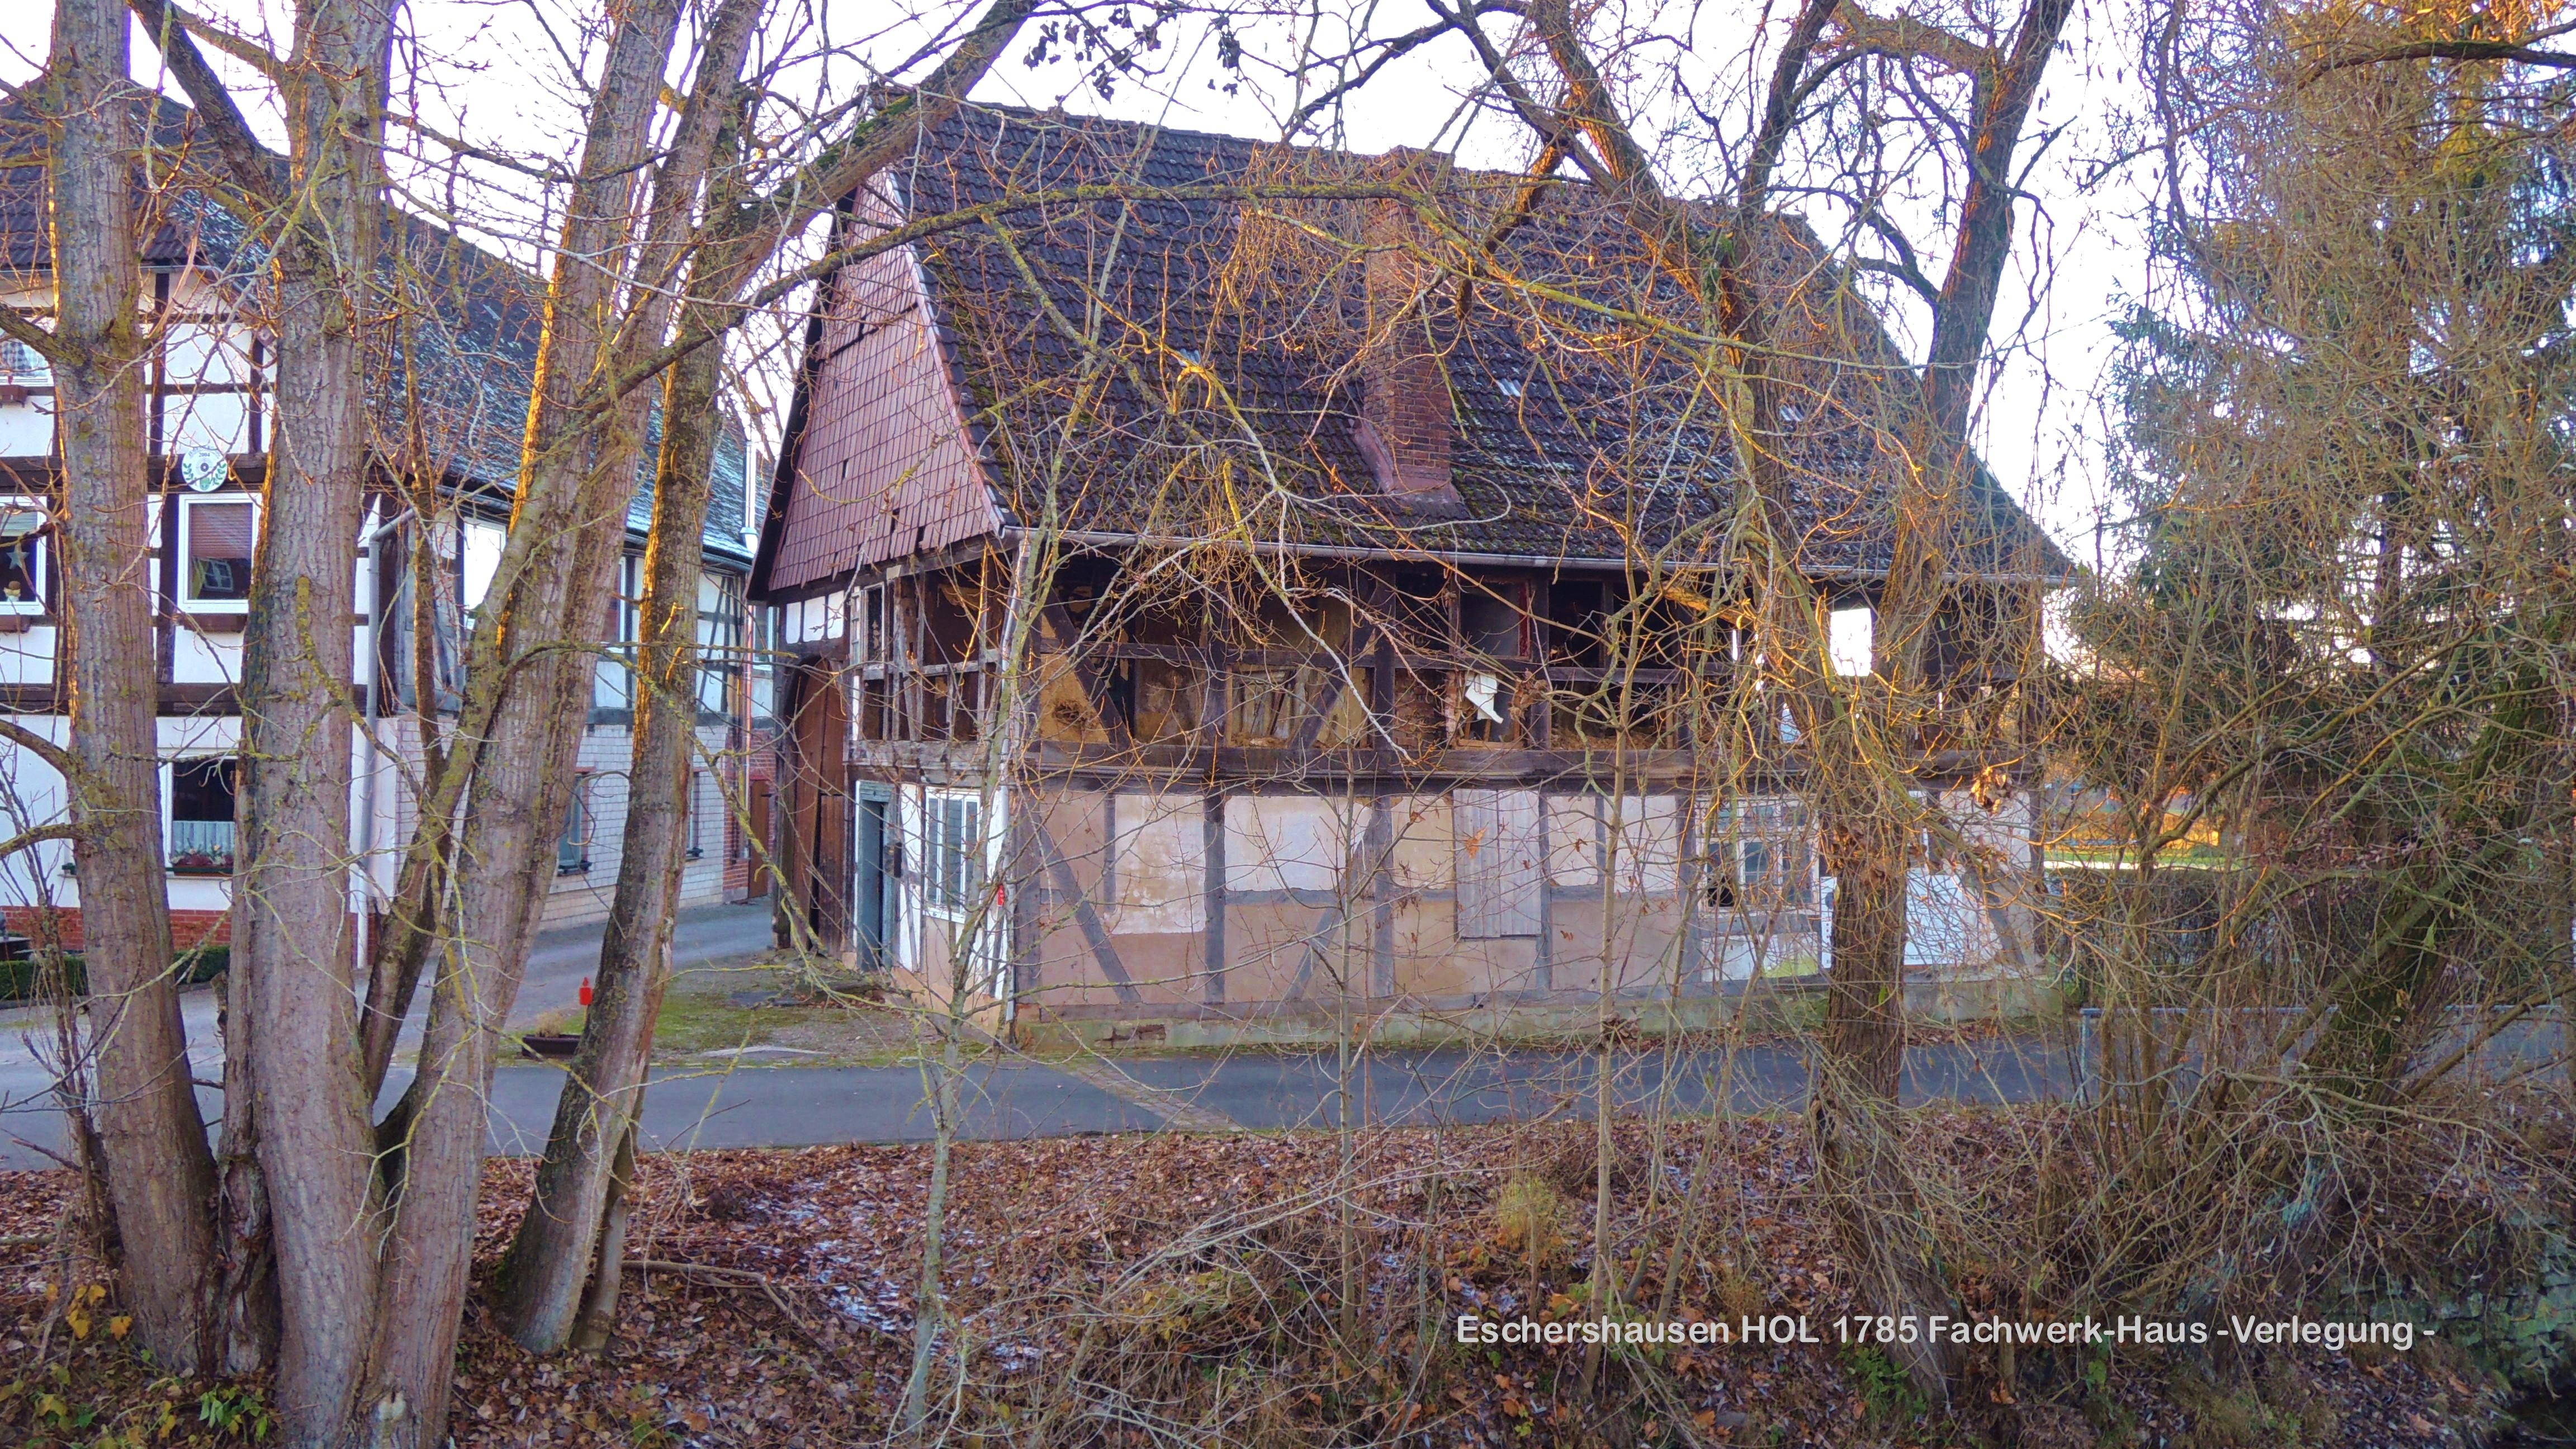 s-eschershausen-hol-1785-fachwerk-verlegung